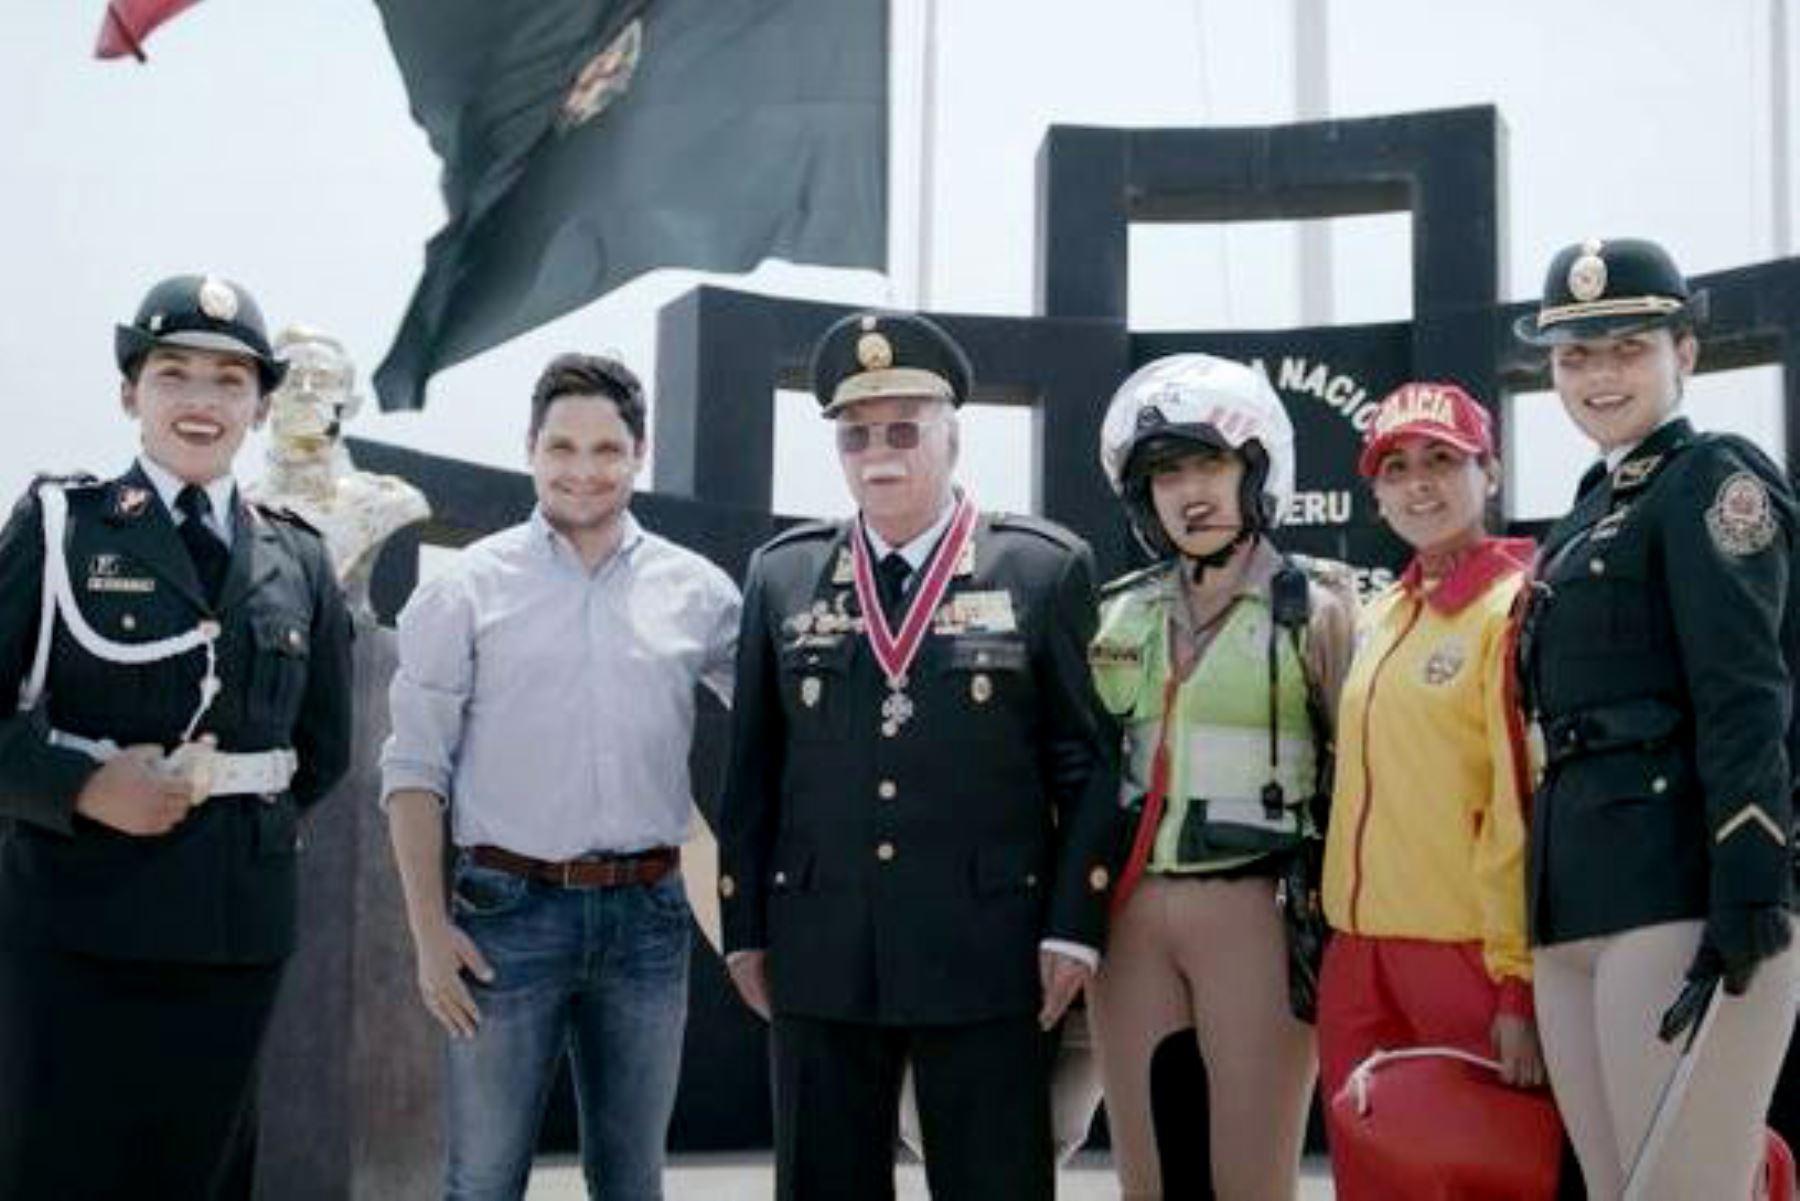 Mininter rinde homenaje a la Policía Nacional del Perú a través de video donde aparecen personales de la sociedad civil. Foto: ANDINA/Difusión.